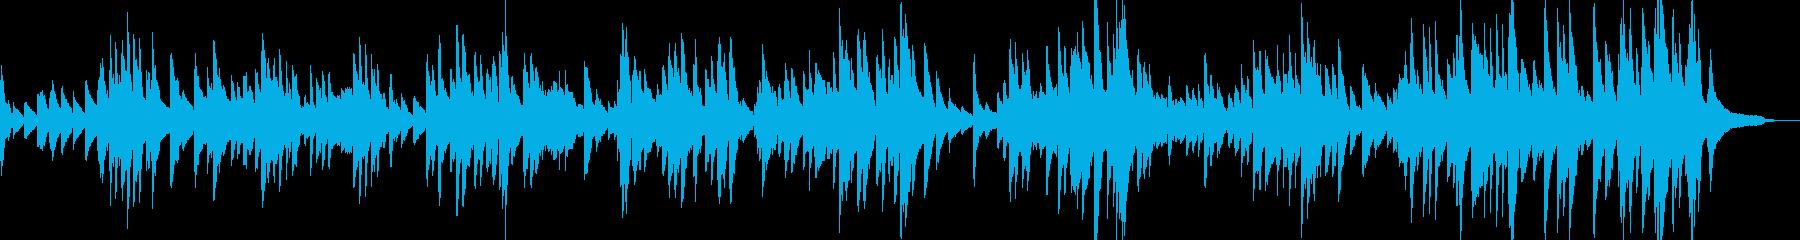 バッハ『G線上のアリア』ピアノの再生済みの波形